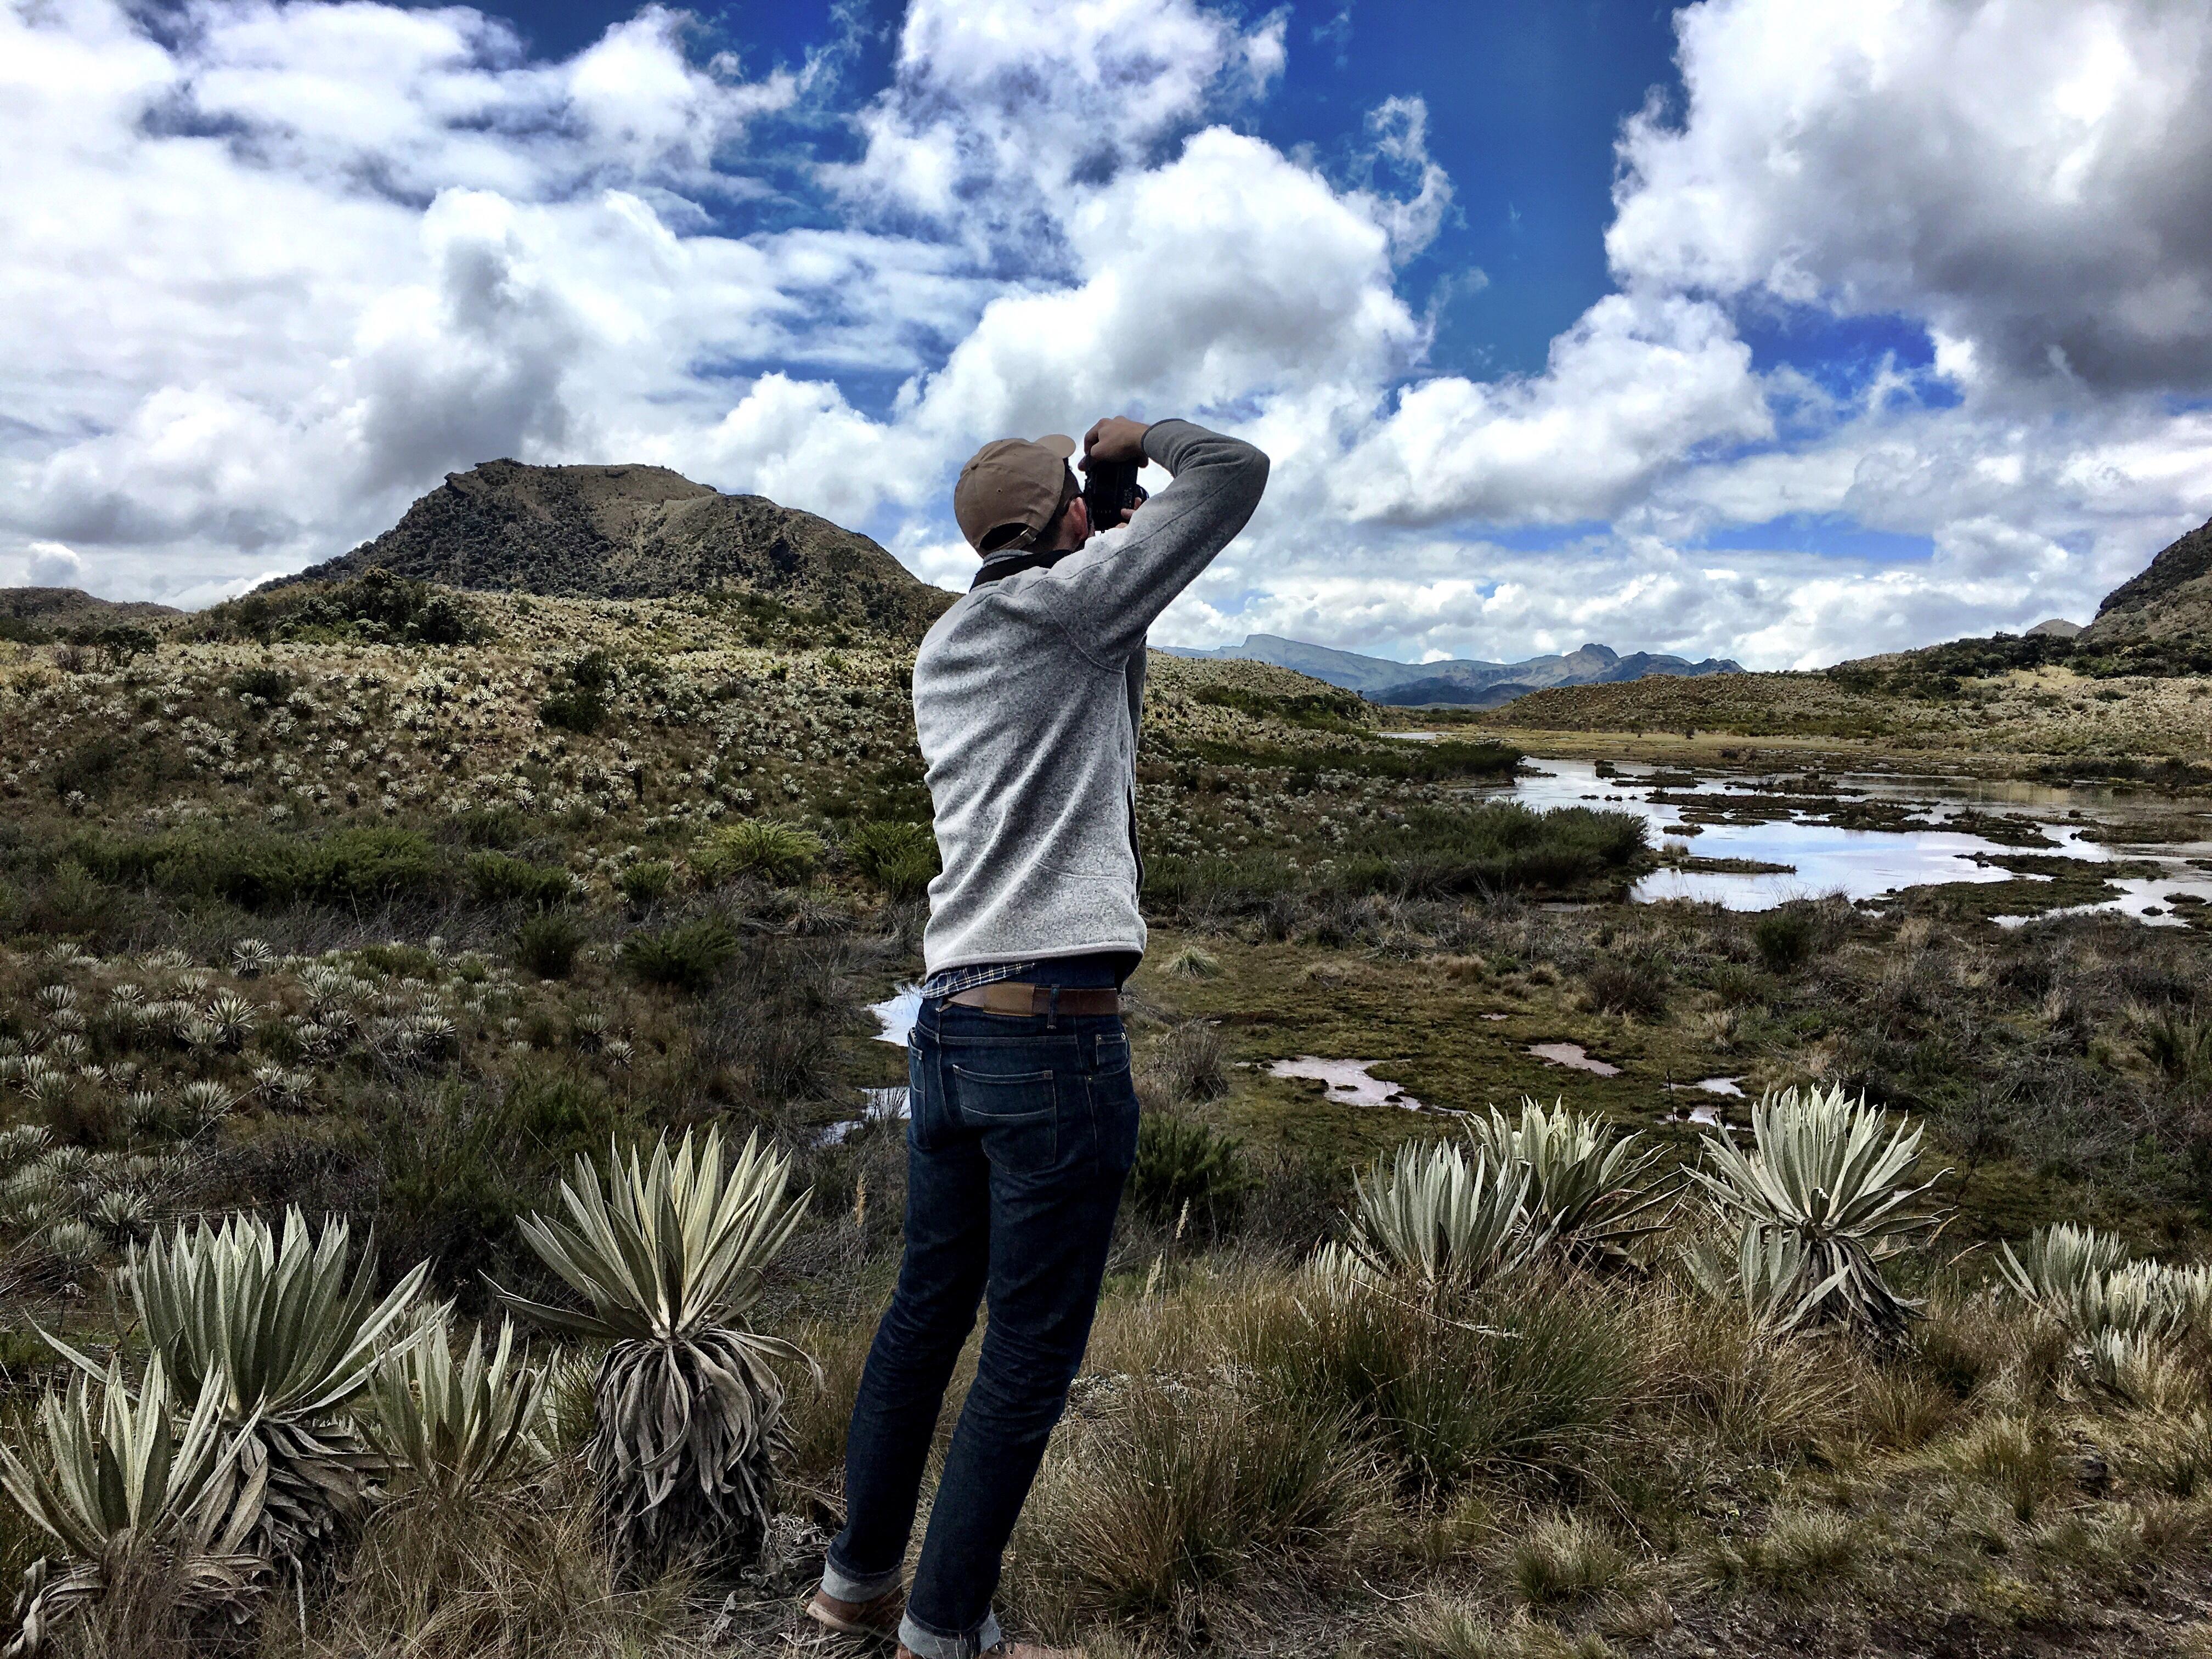 Para el CEO de Lonely Planet solo hay una cosa que nunca puede faltar en una maleta de viaje: una cámara de fotos. No importa si es una análoga, como la que usa en esta imagen para captar la belleza de Chingaza, o si es la de su celular inteligente. Lo fundamental es poder tomar fotos.